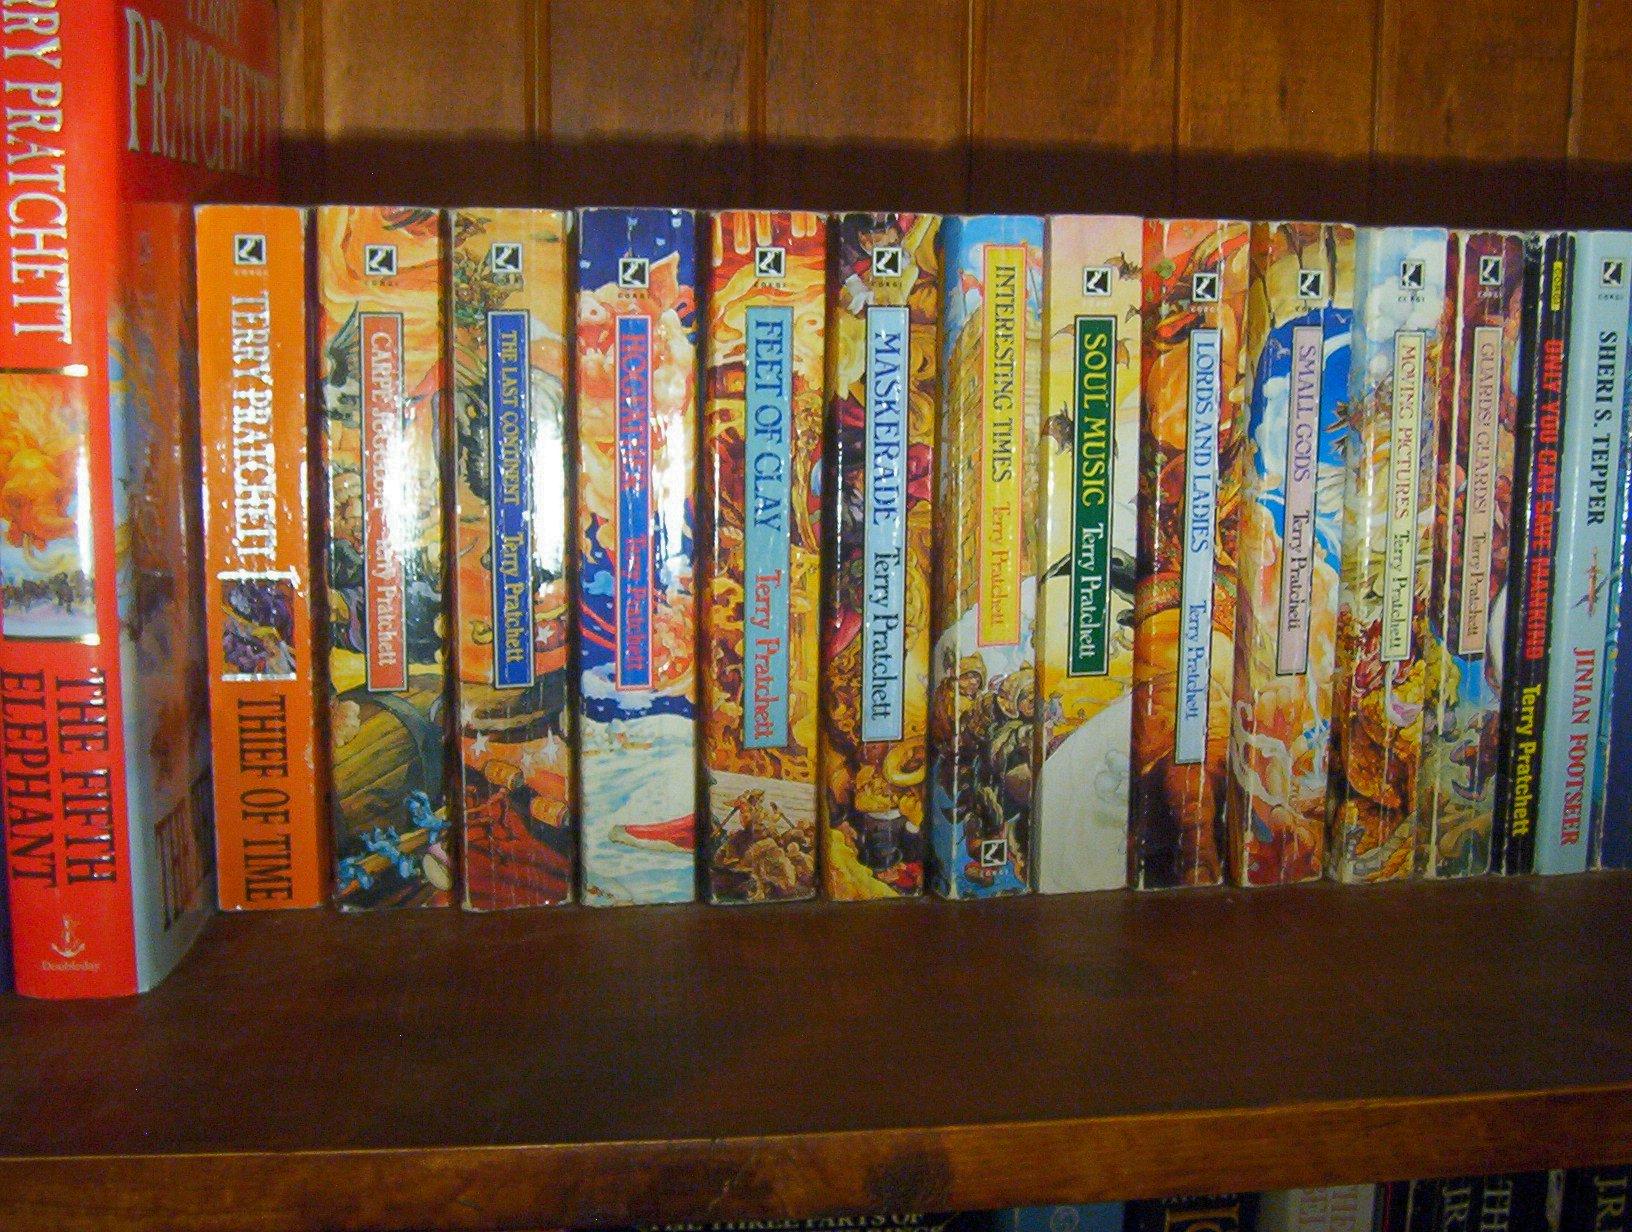 Terry Pratchett Discworld Wiki Fandom Powered By Wikia